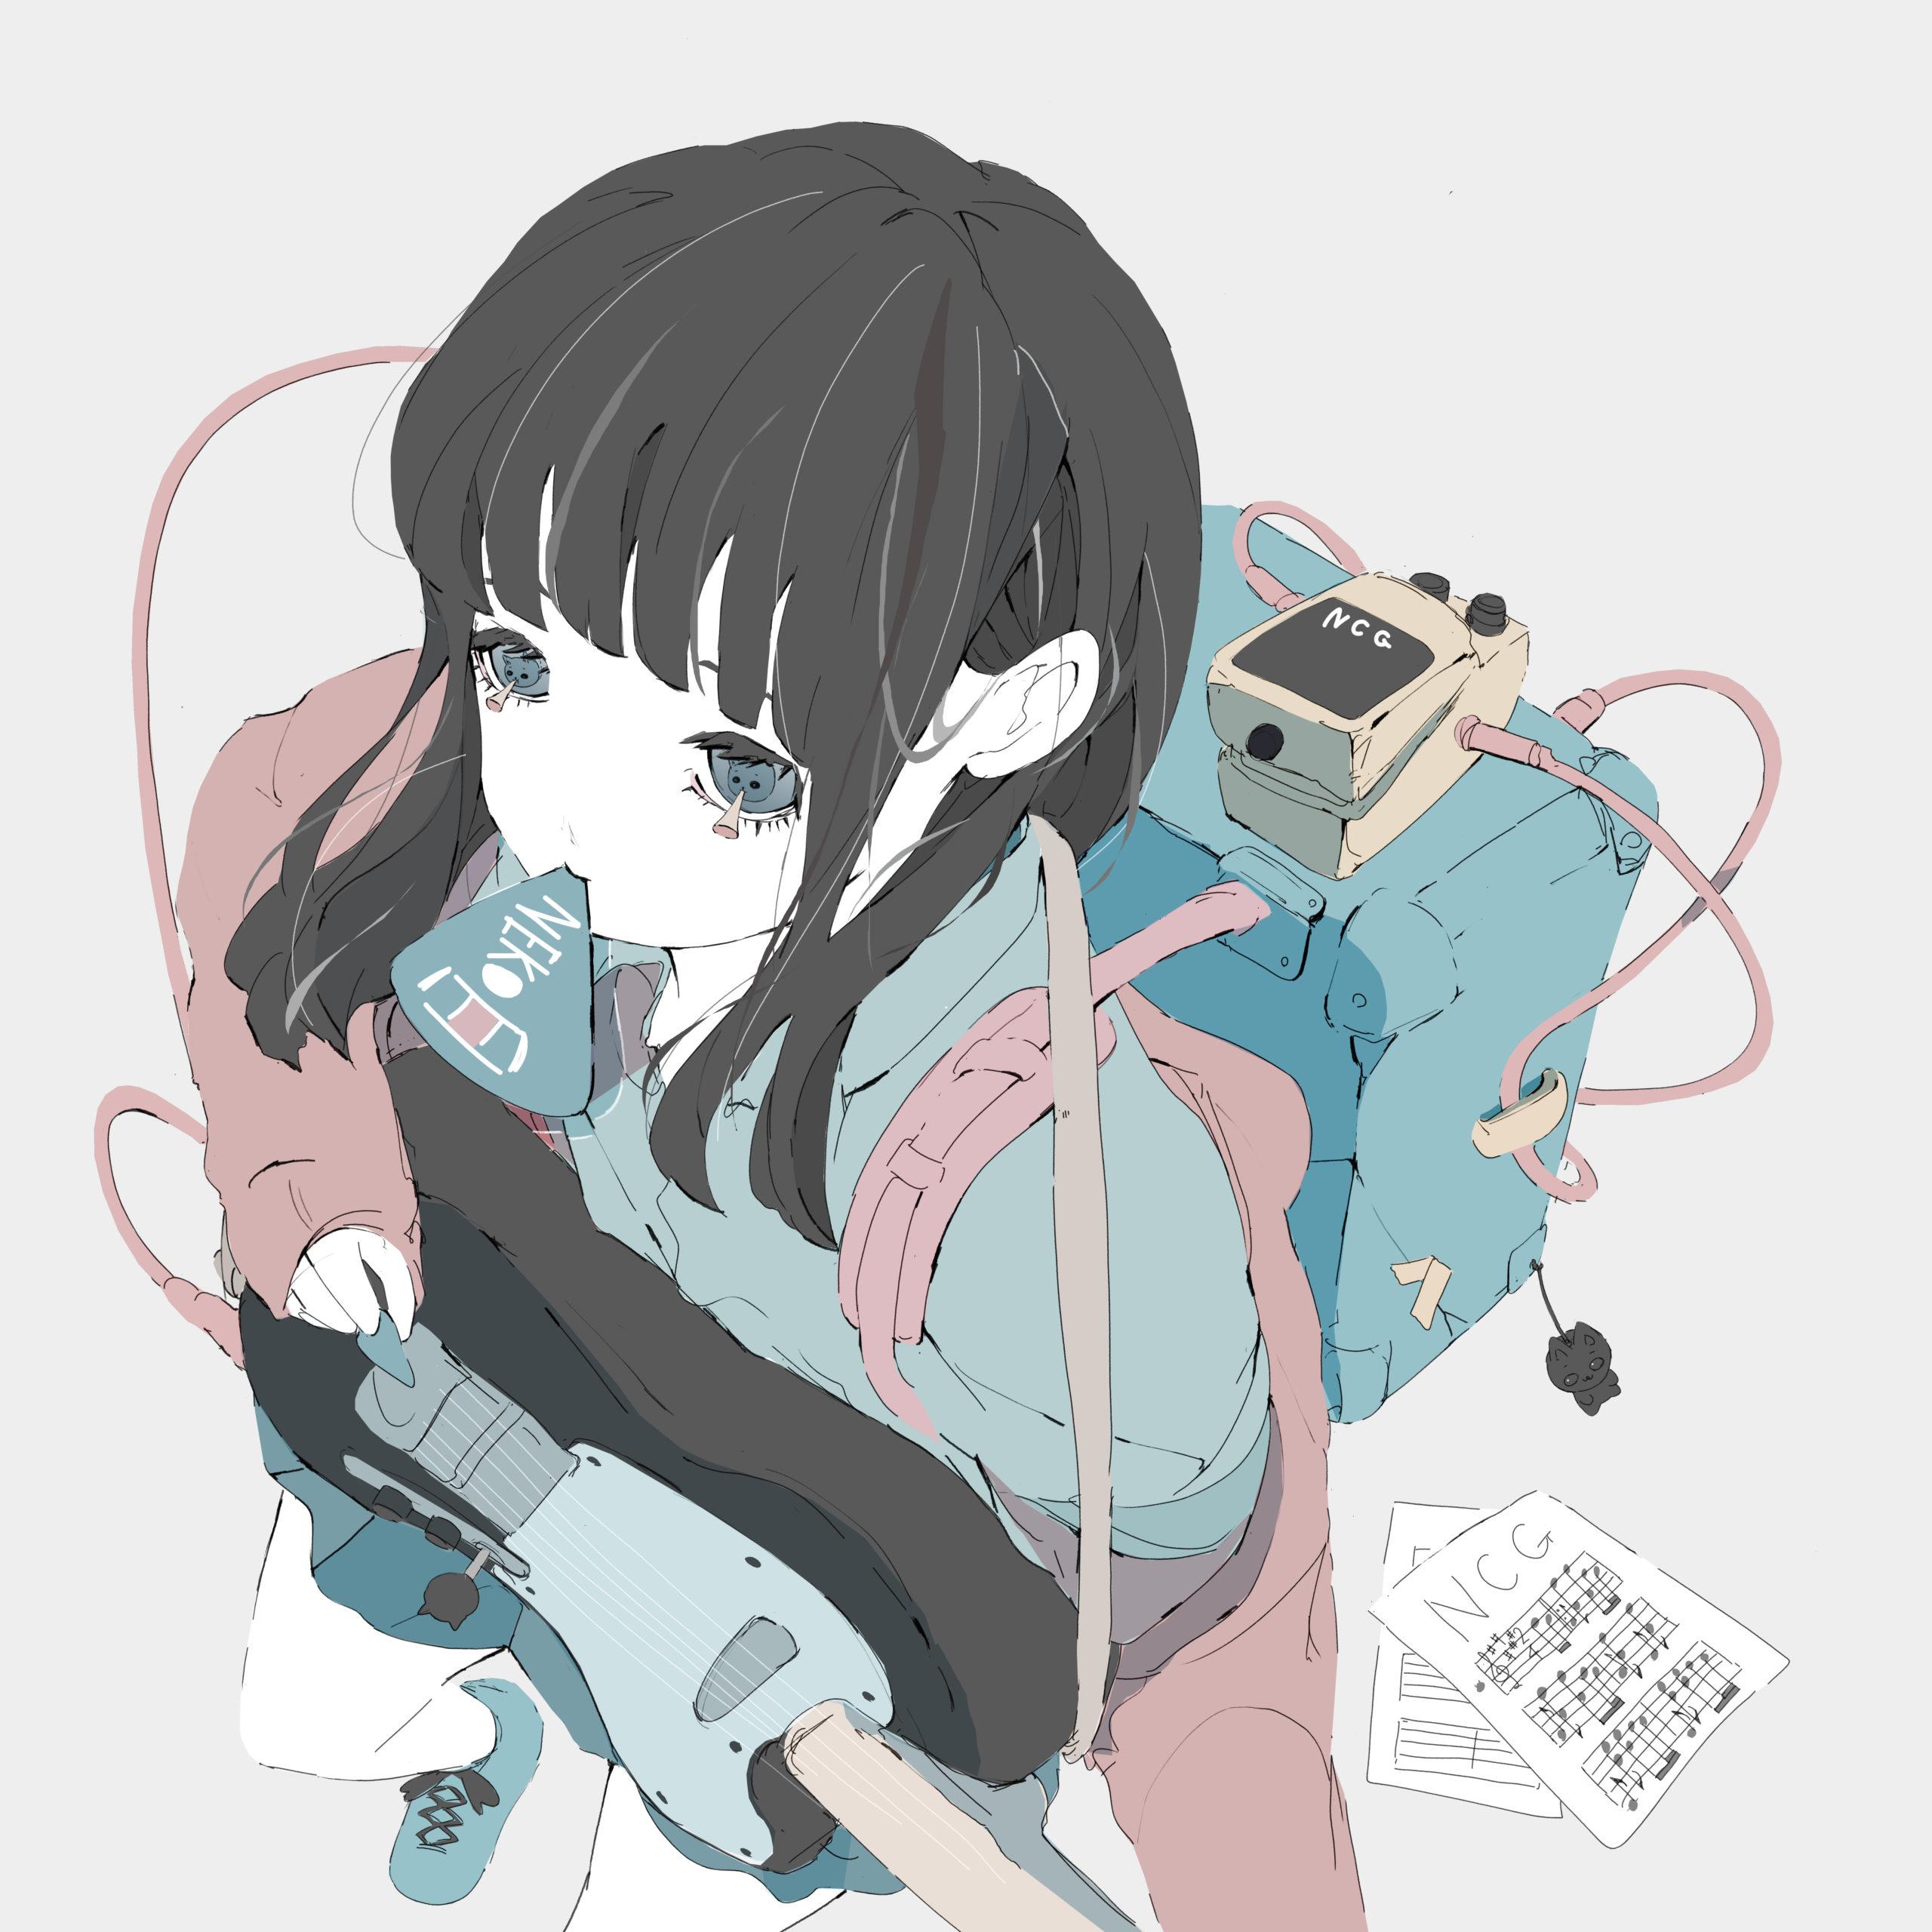 アンプを背負ってギターを弾いている猫目の女の子のイラスト